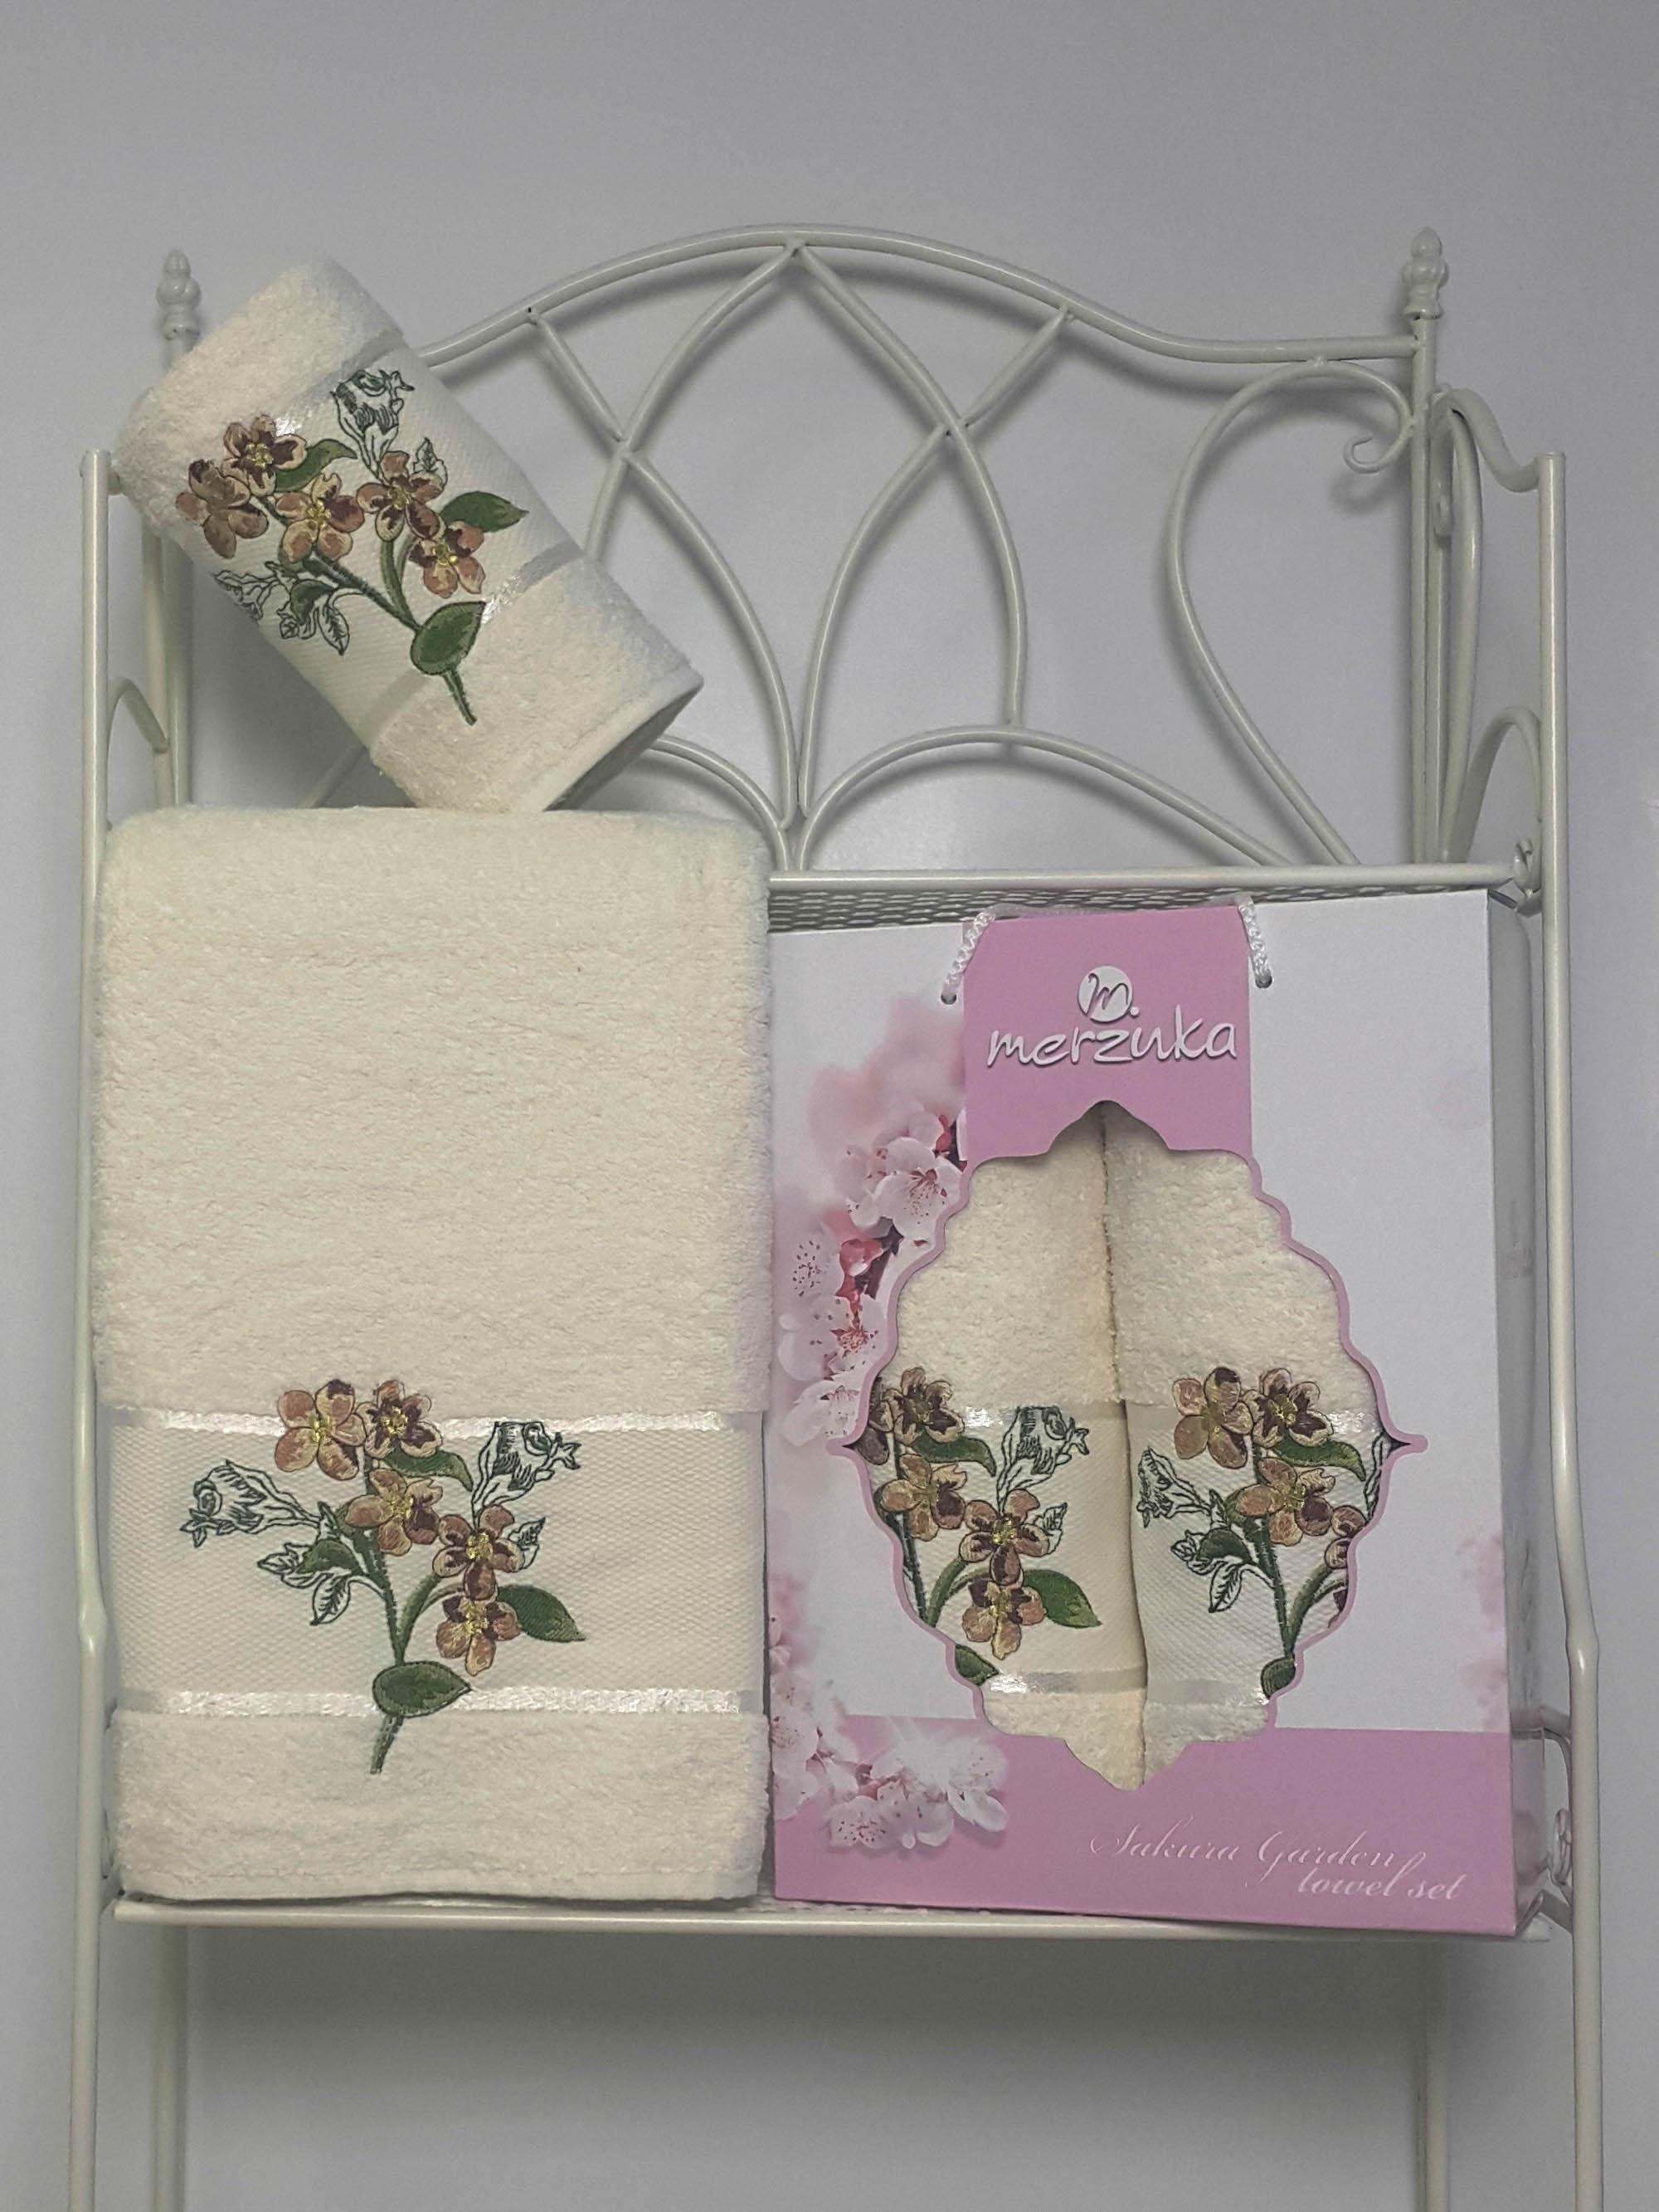 Полотенца Oran Merzuka Набор из 2 полотенец Sakura Garden Цвет: Кремовый полотенца oran merzuka набор из 3 полотенец sakura цвет зелёный